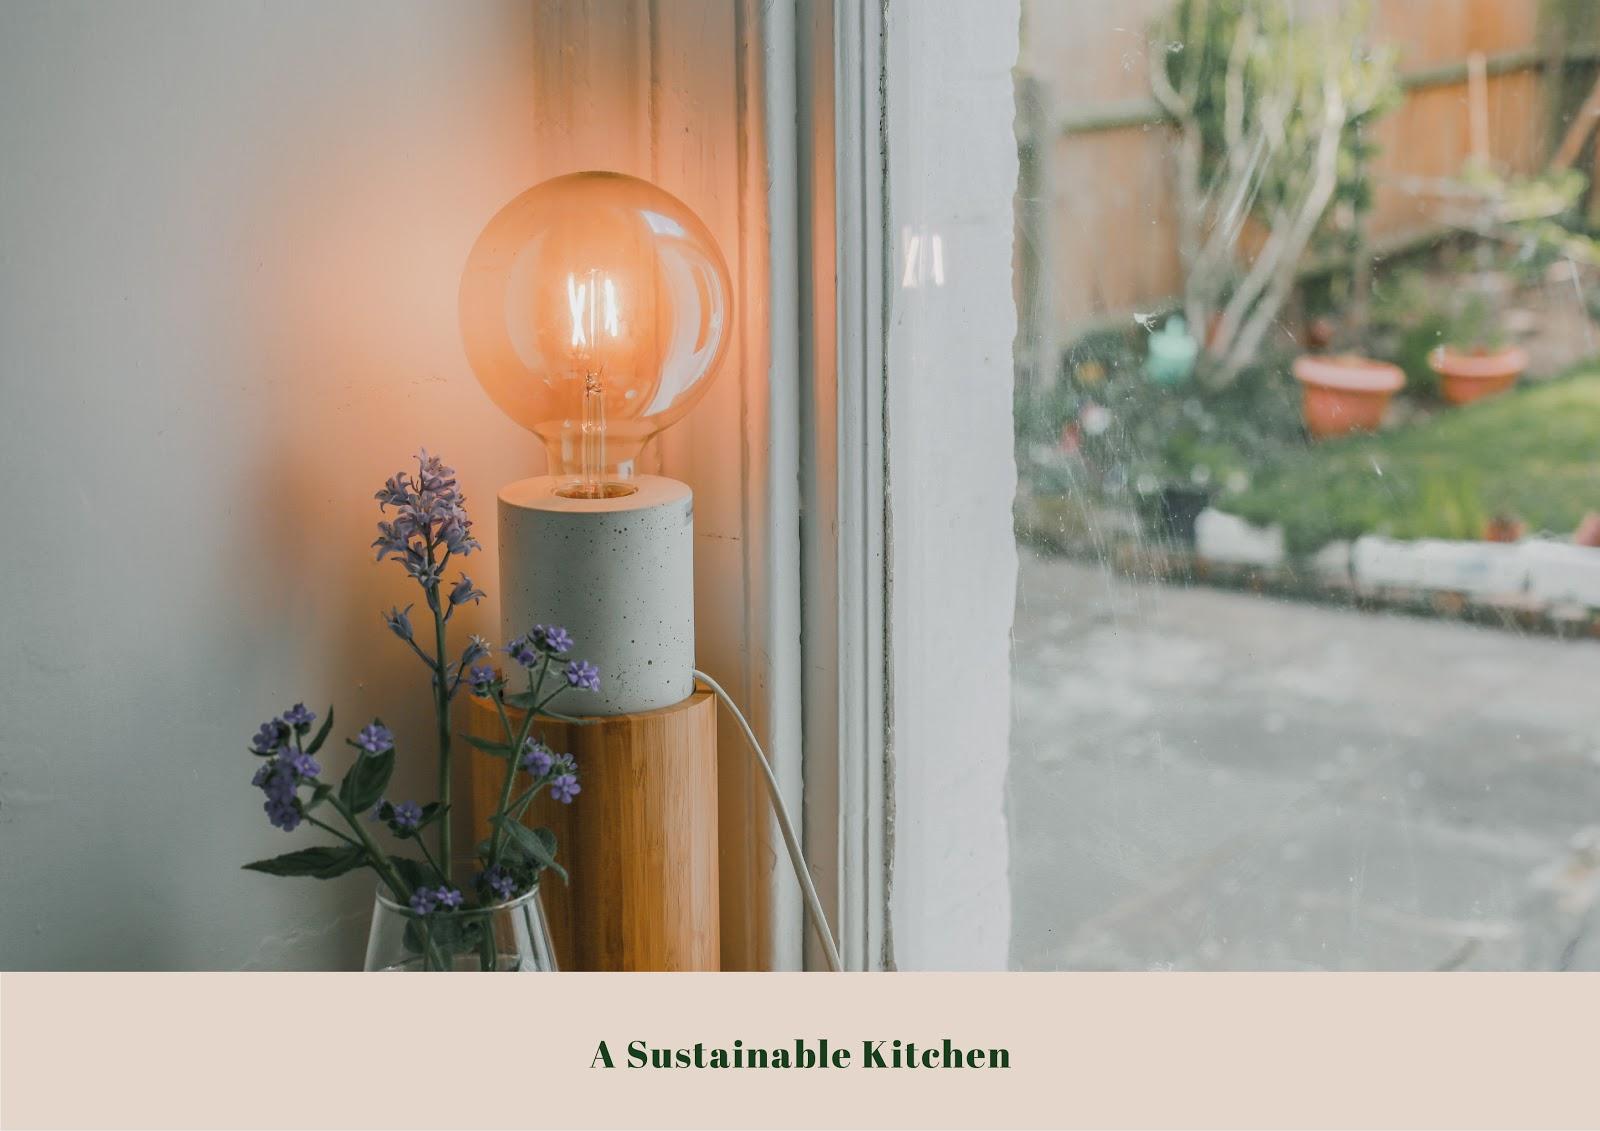 Rêveuse Kitchen: Ideas on a Sustainable Kitchen